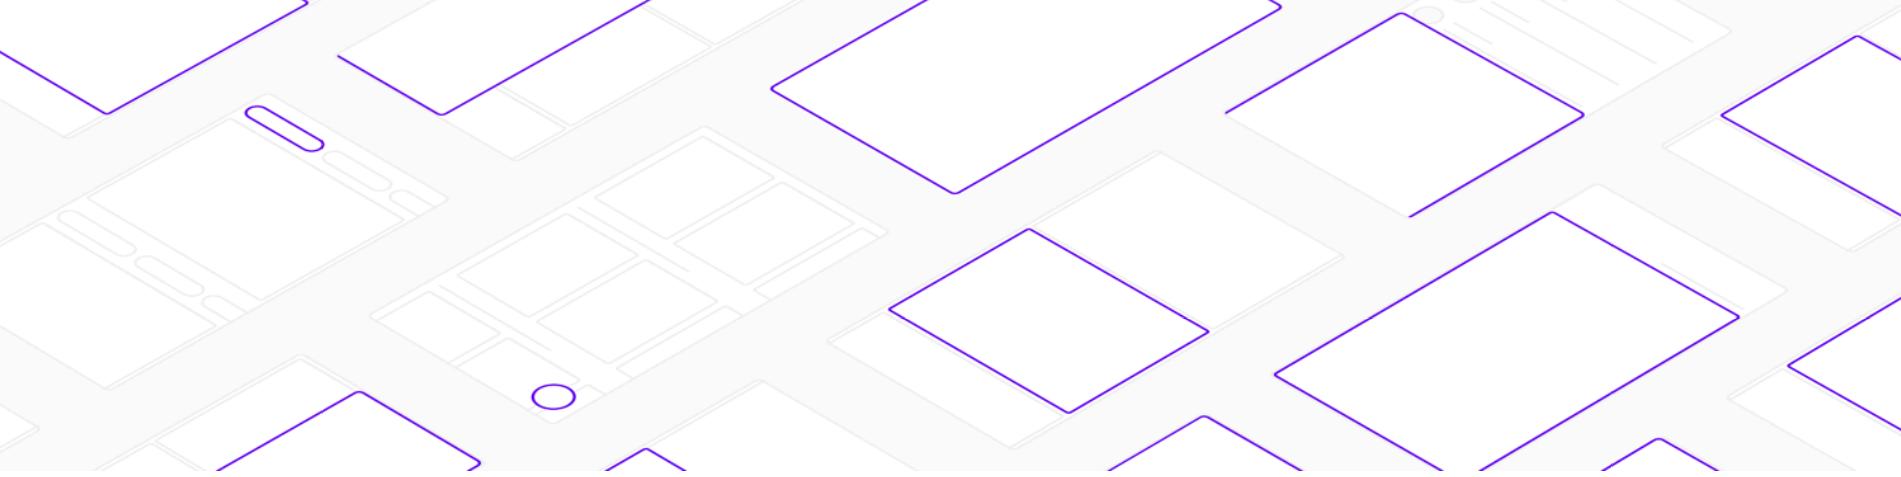 Интерактивный дизайн не обязательно должен быть сложным - 1